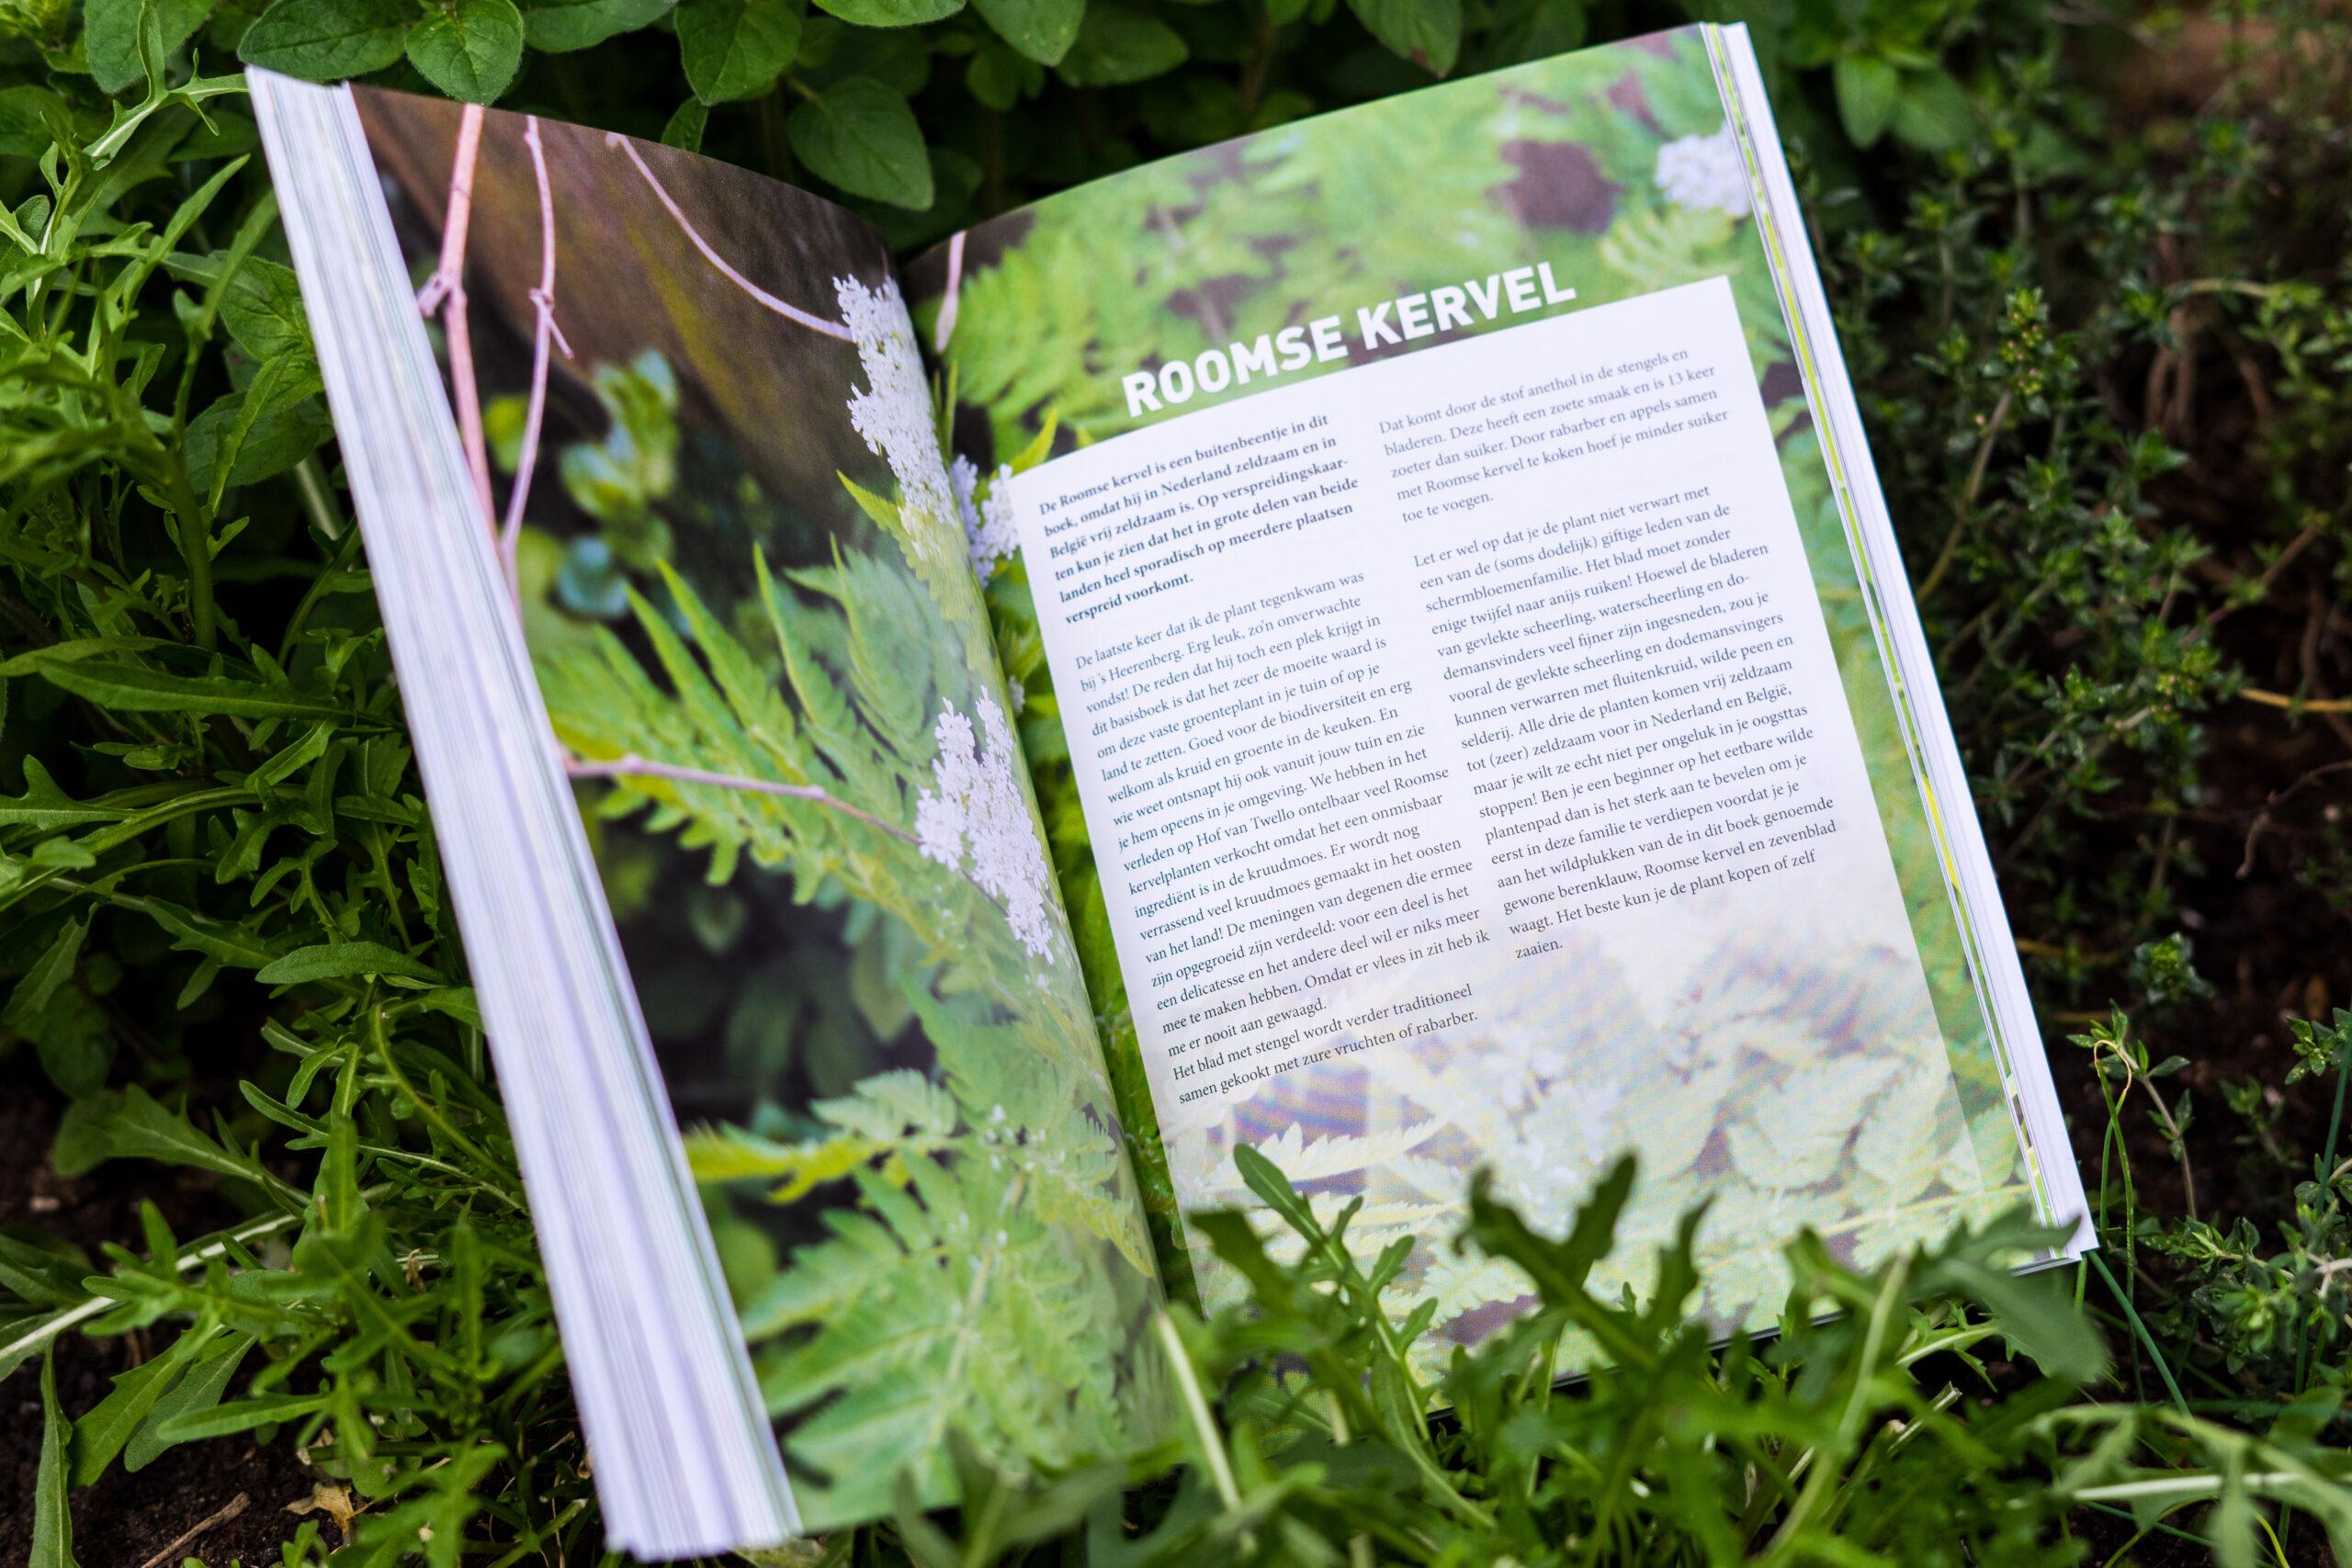 Basisboek wilde bladgroenten review binnenkant